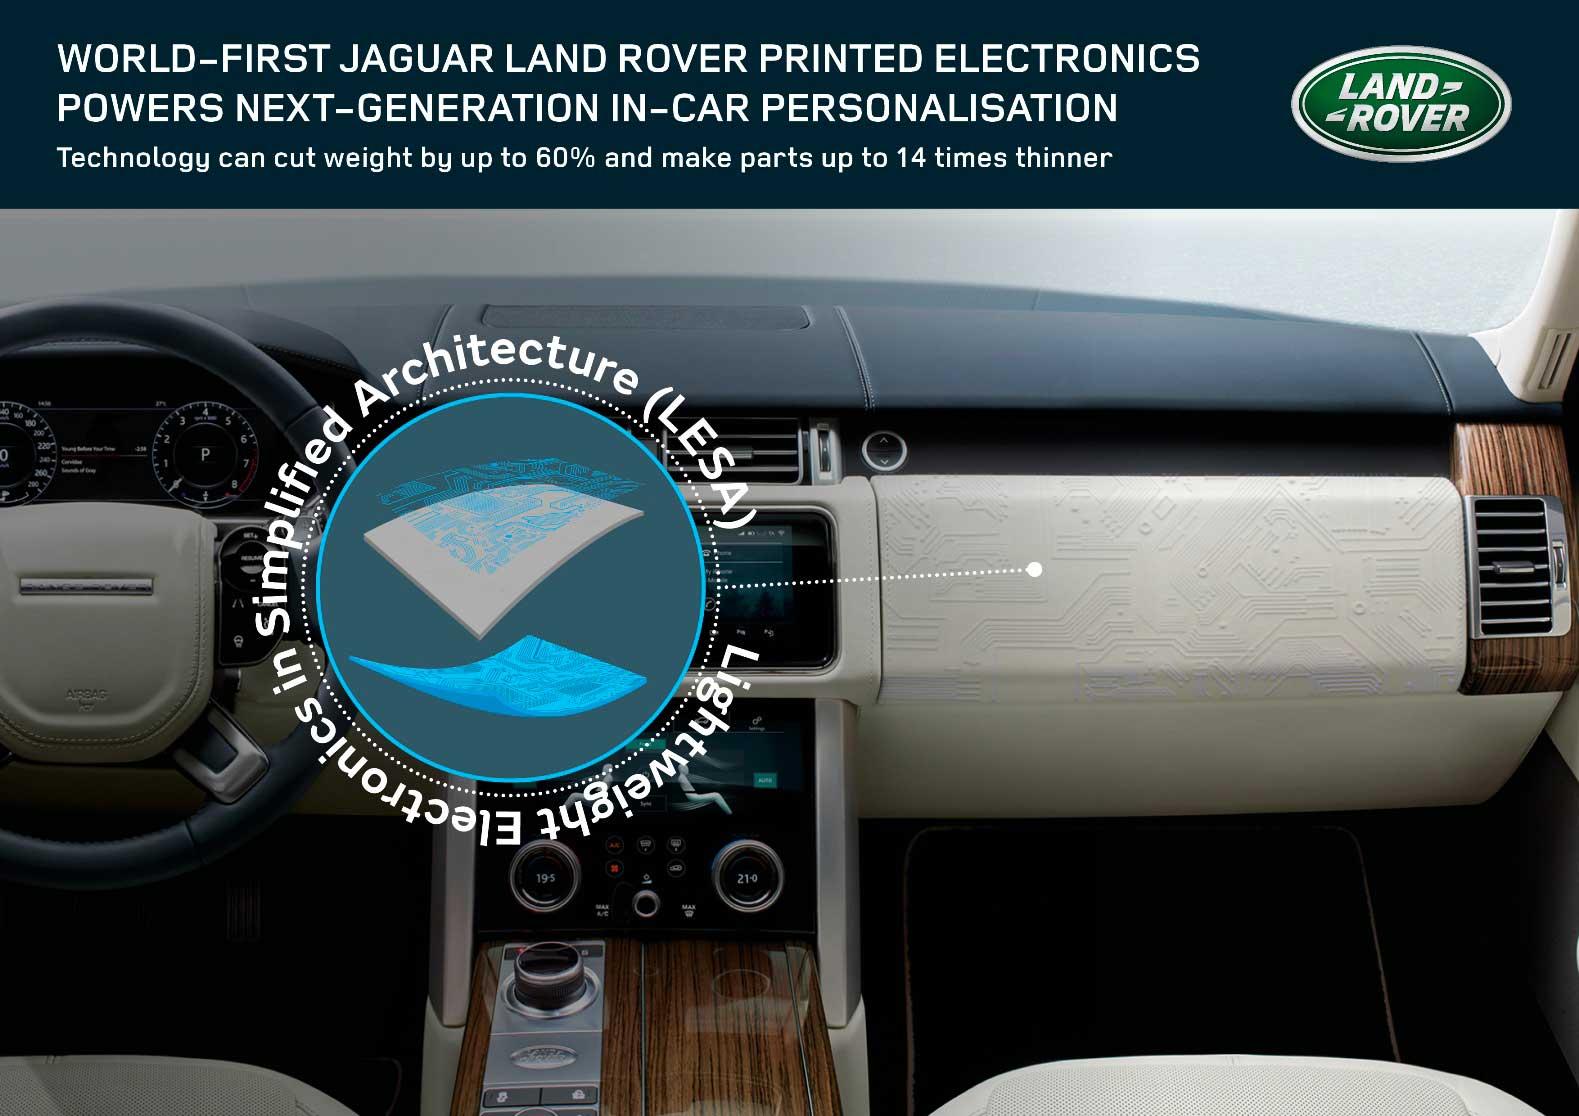 Con la tecnologia LESA di Jaguar Land Rover possibili schermi curvi integrati nelle plancie delle auto e altre personalizzazioni